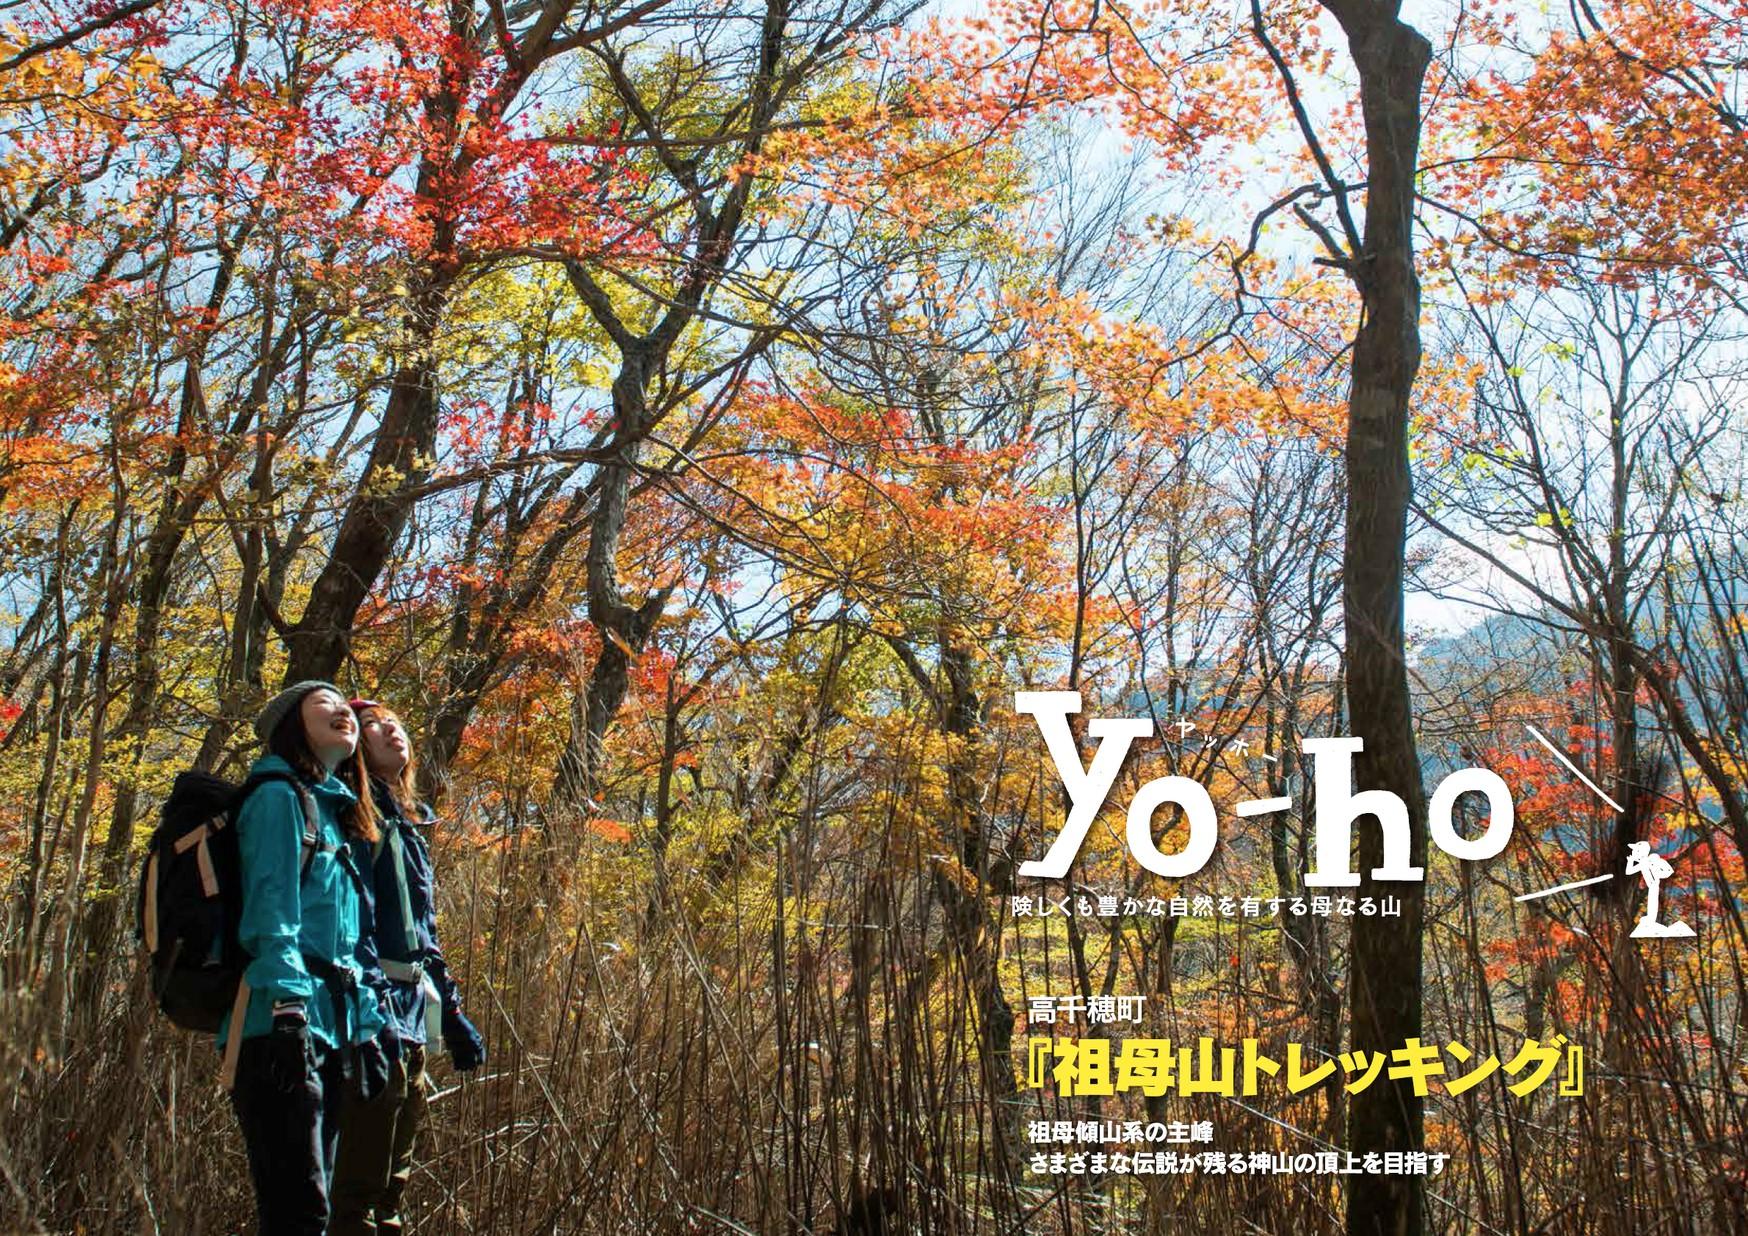 みやざきの登山誌「yo-ho」高千穂町『祖母山トレッキング』